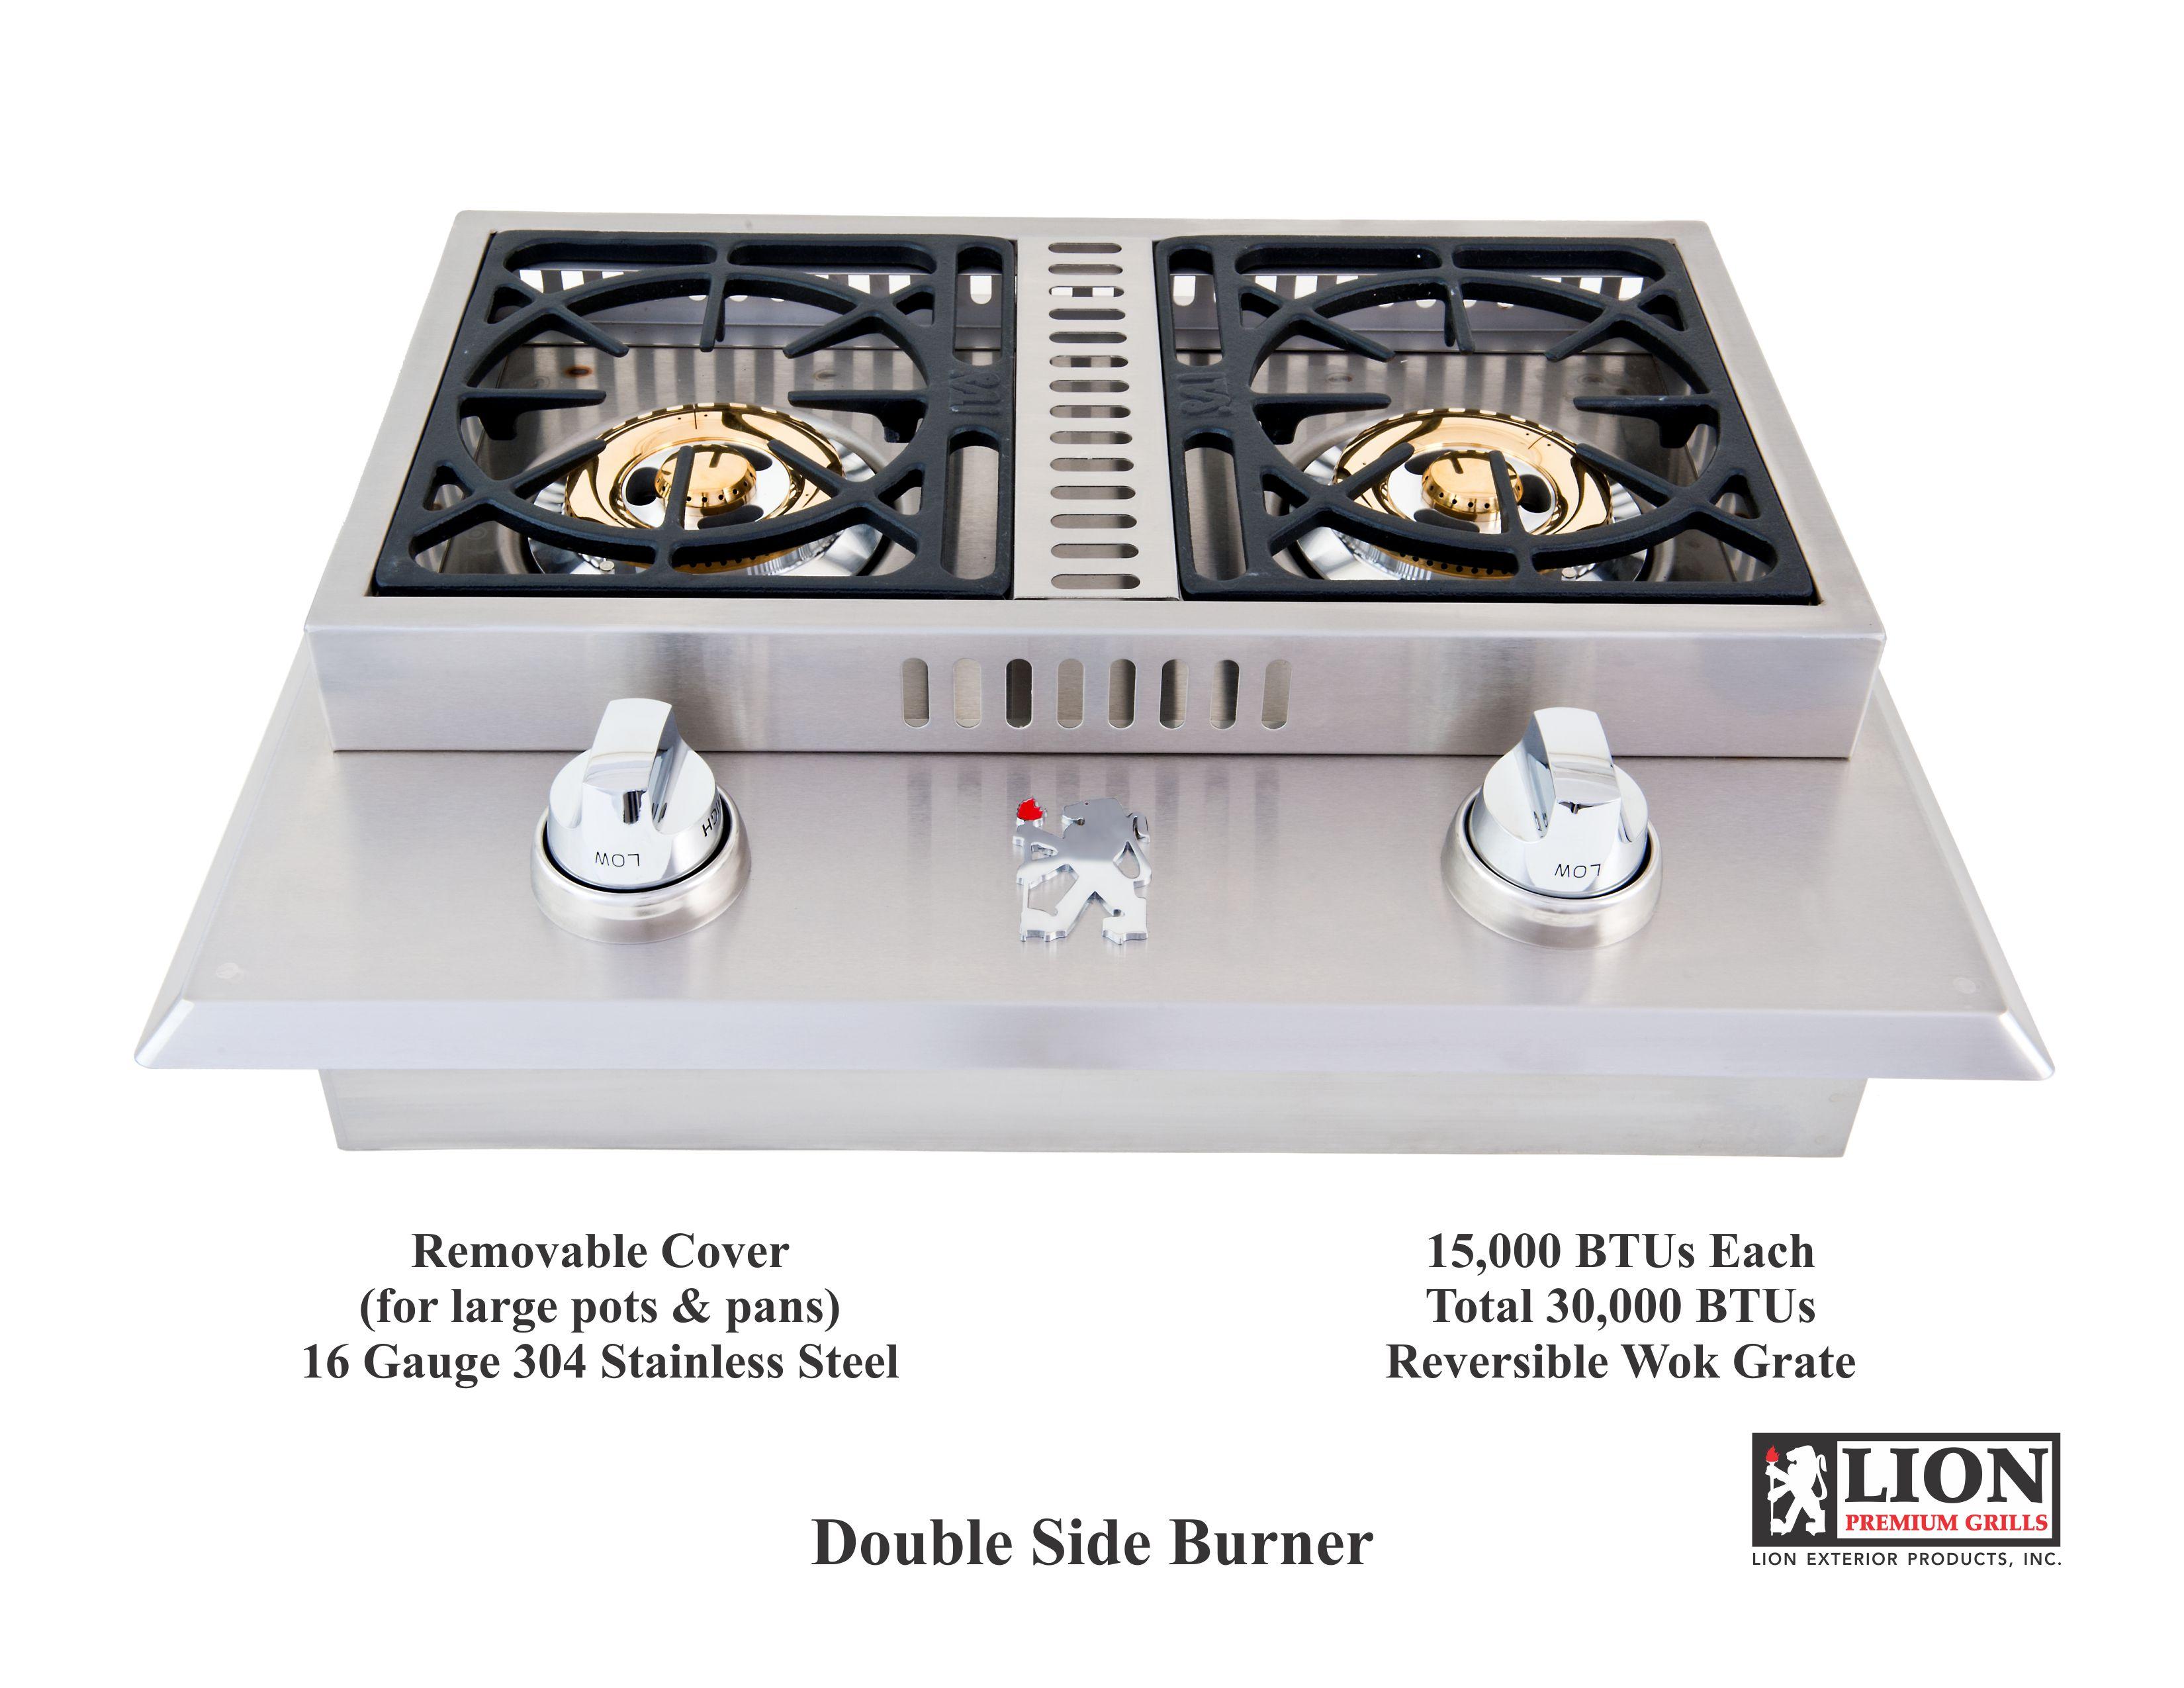 Double Side Burner